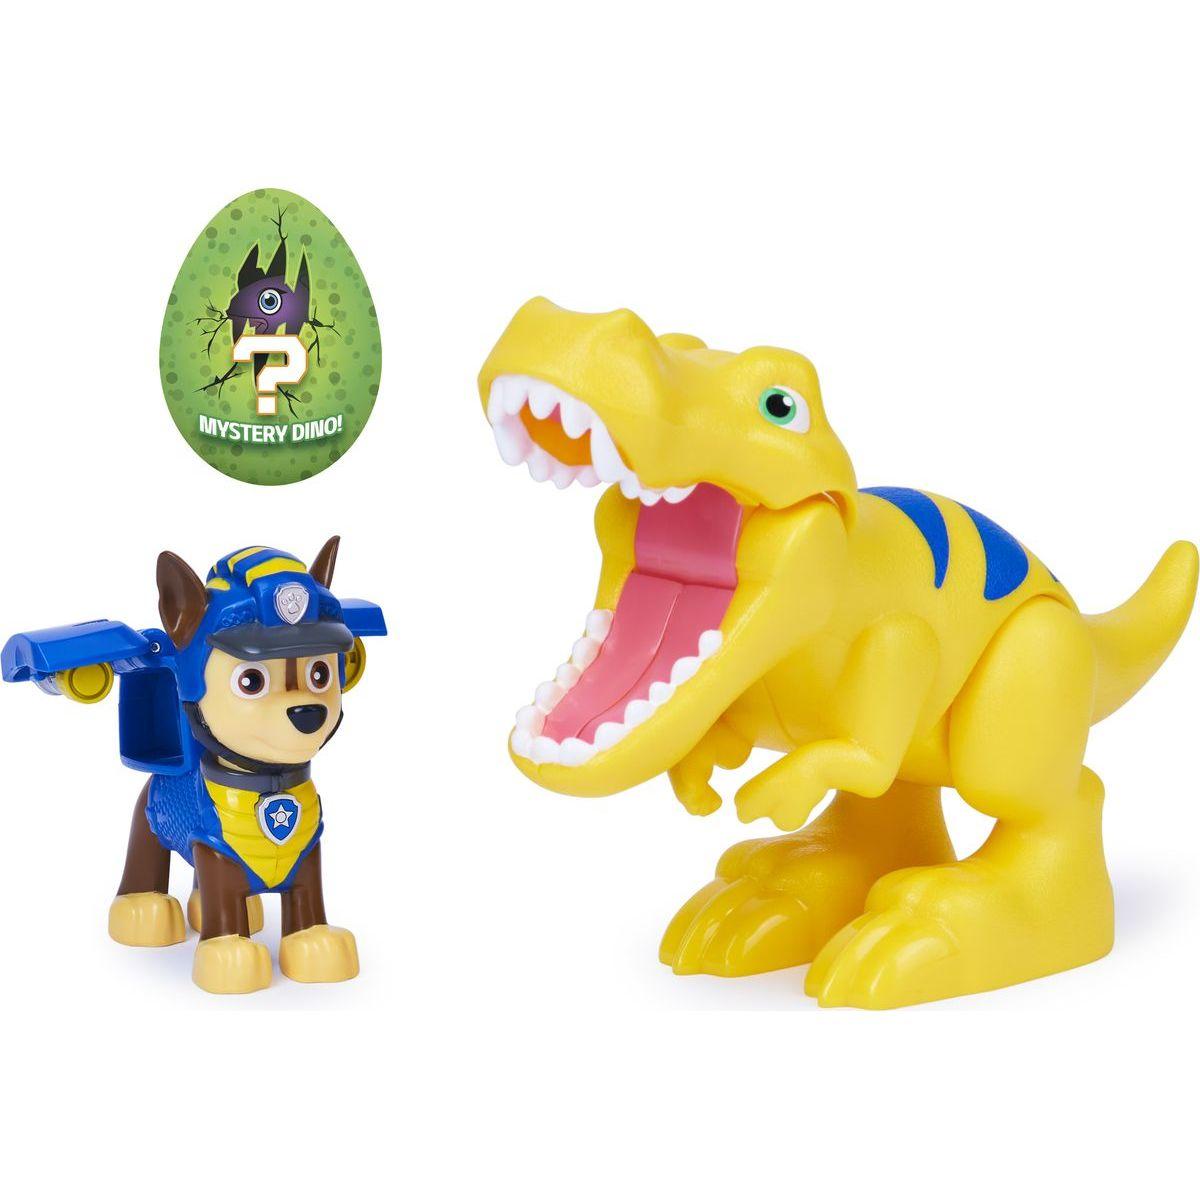 Spin Master Paw Patrol figurka s Dinem a vajíčkem Chase